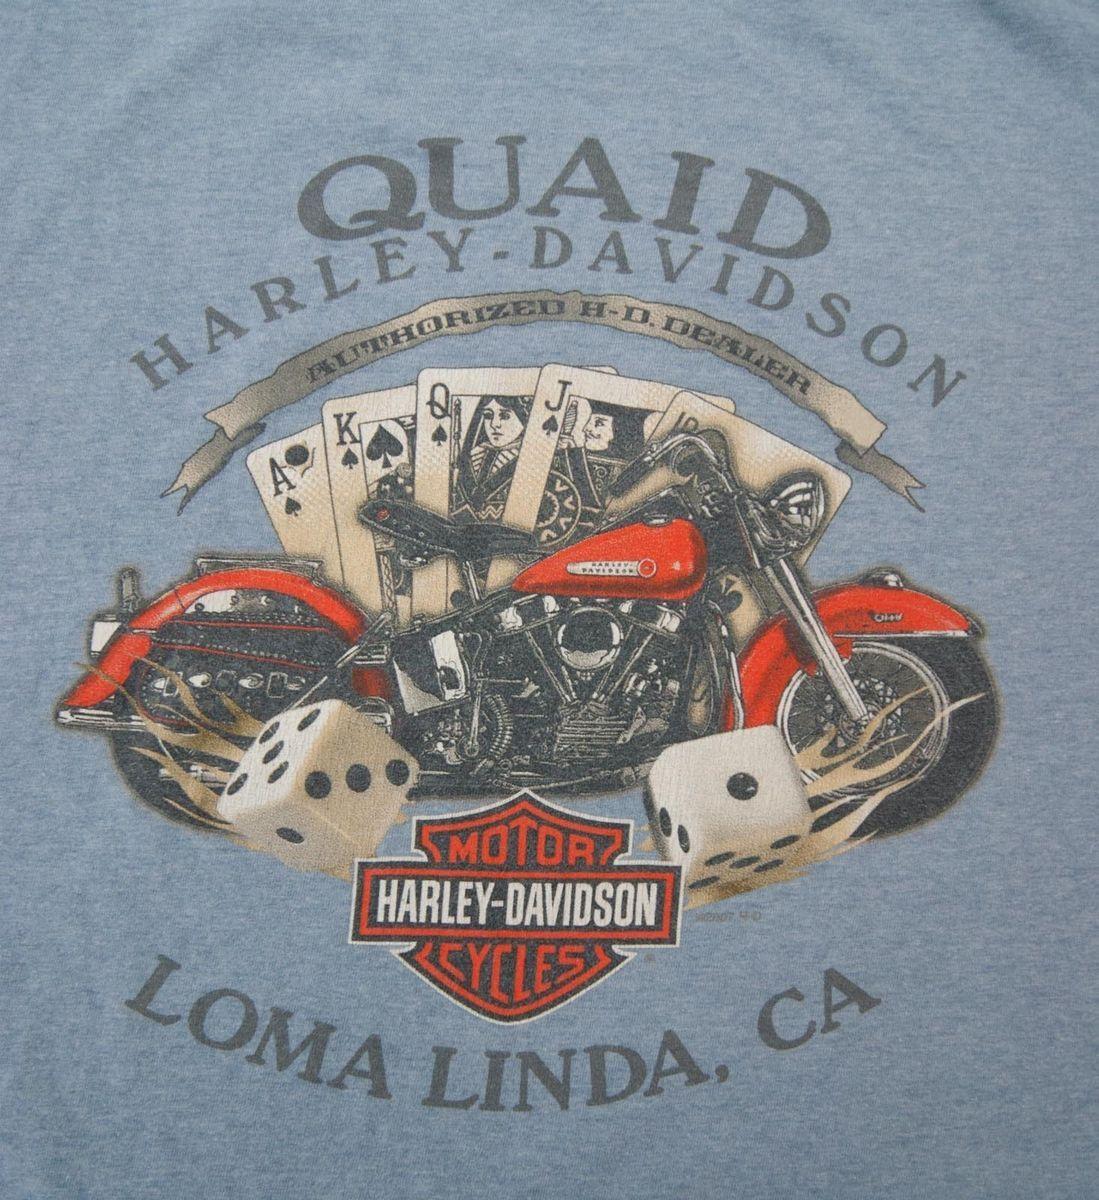 Cycles Harley Davidson T Shirt Quaid Loma Linda Cal Size 2XL